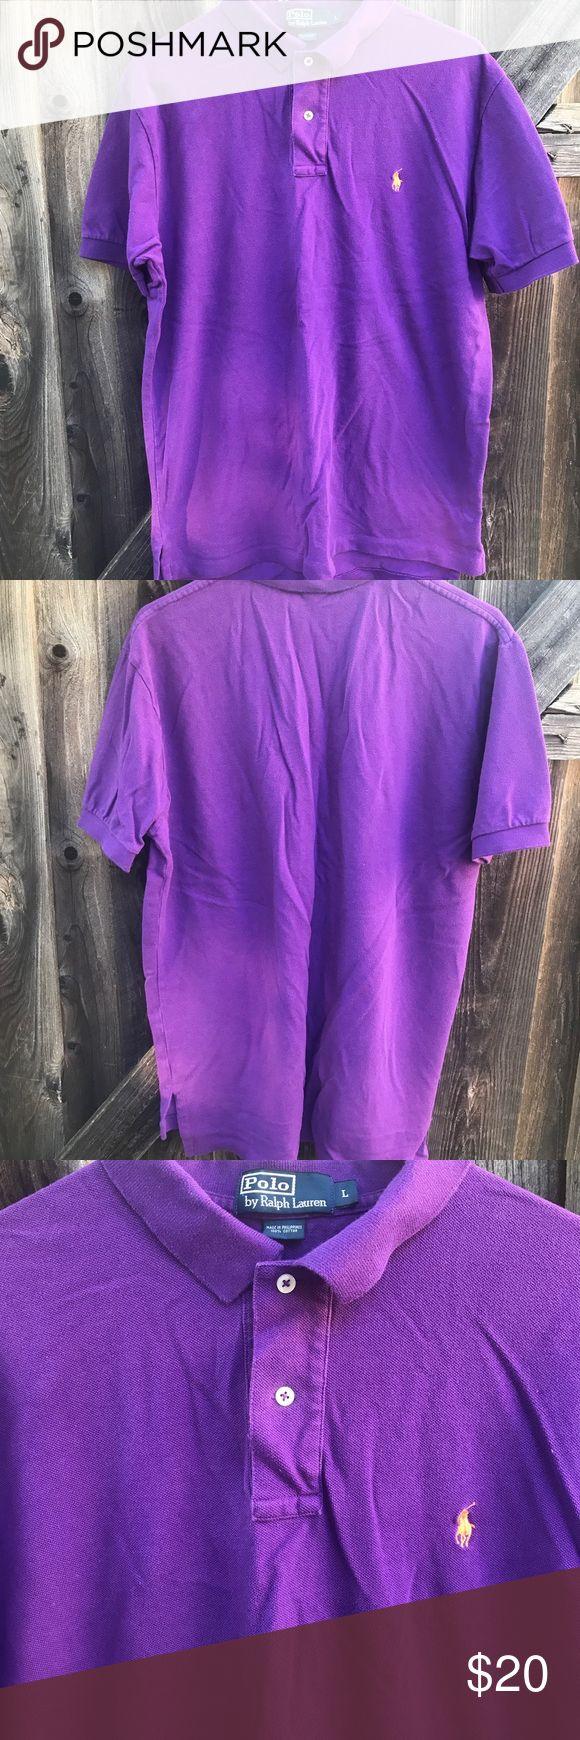 Polo Ralph Lauren purple men shirt Polo by Ralph Lauren men's Purple polo shirt Size large  Length 31 Armpit to armpit 23 Shoulder to shoulder 18.5 Arm length from shoulder 15 L14 Polo by Ralph Lauren Shirts Polos